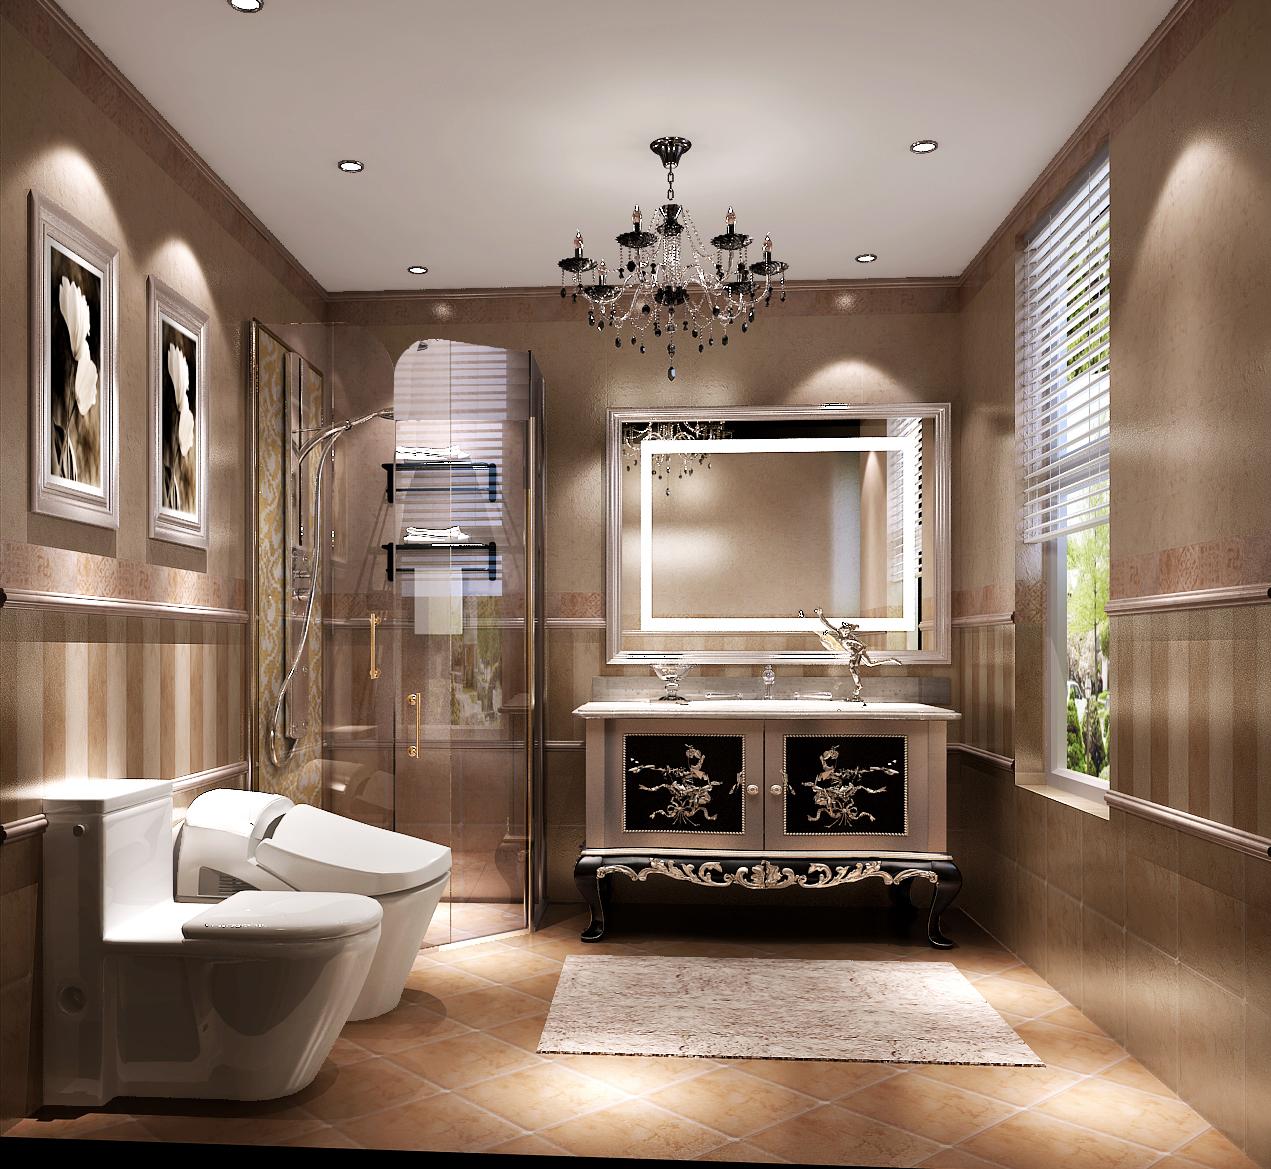 欧式 别墅 尊贵 大理石 温馨 卫生间图片来自高度国际装饰刘玉在燕西台别墅---尊贵气质的分享